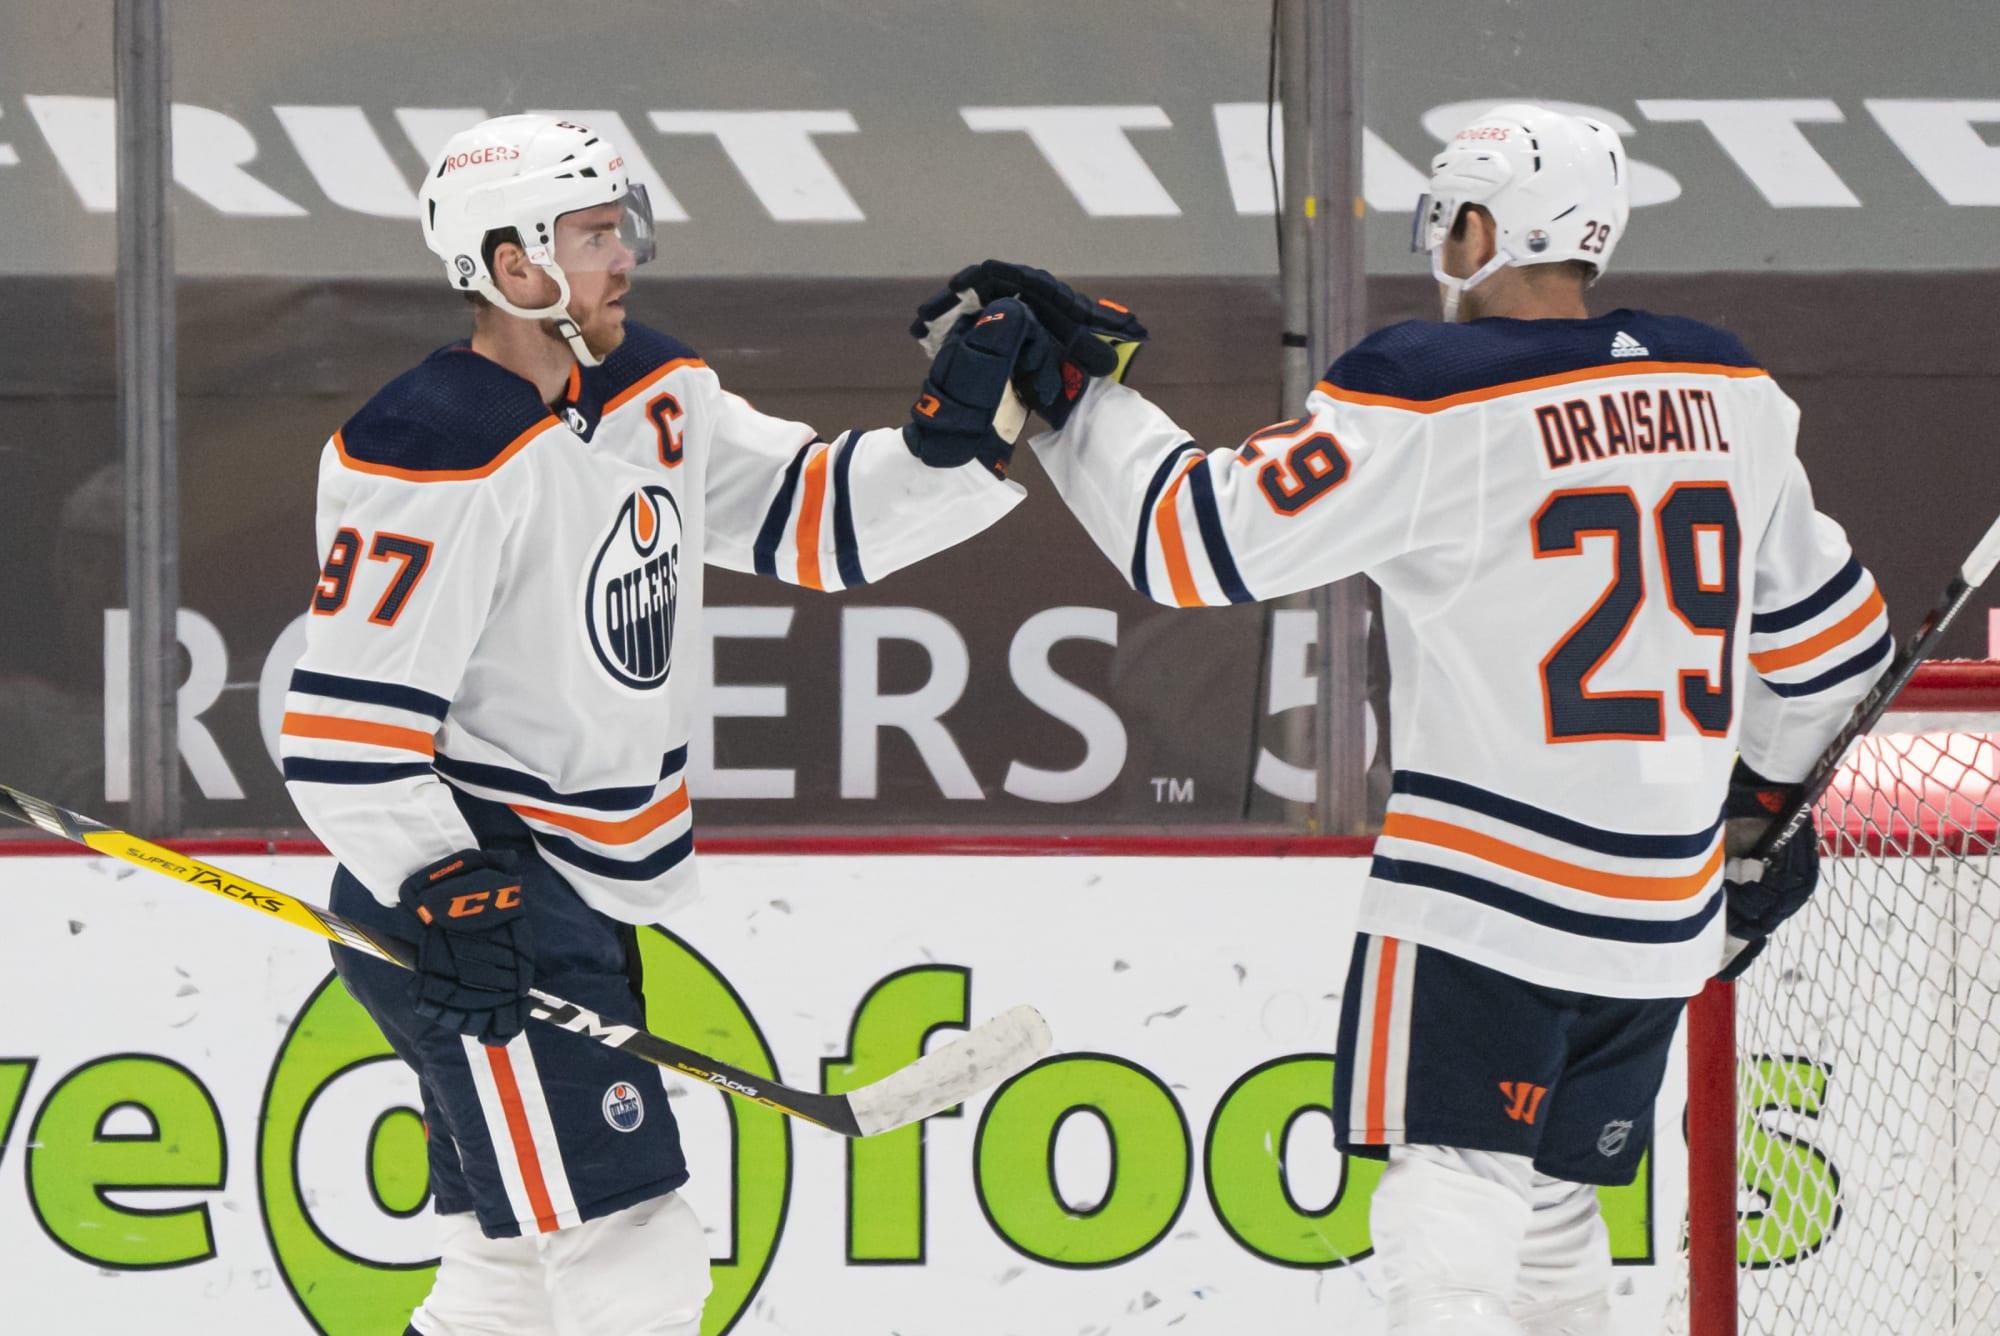 Game Preview: Preseason Game 2 at Edmonton Oilers